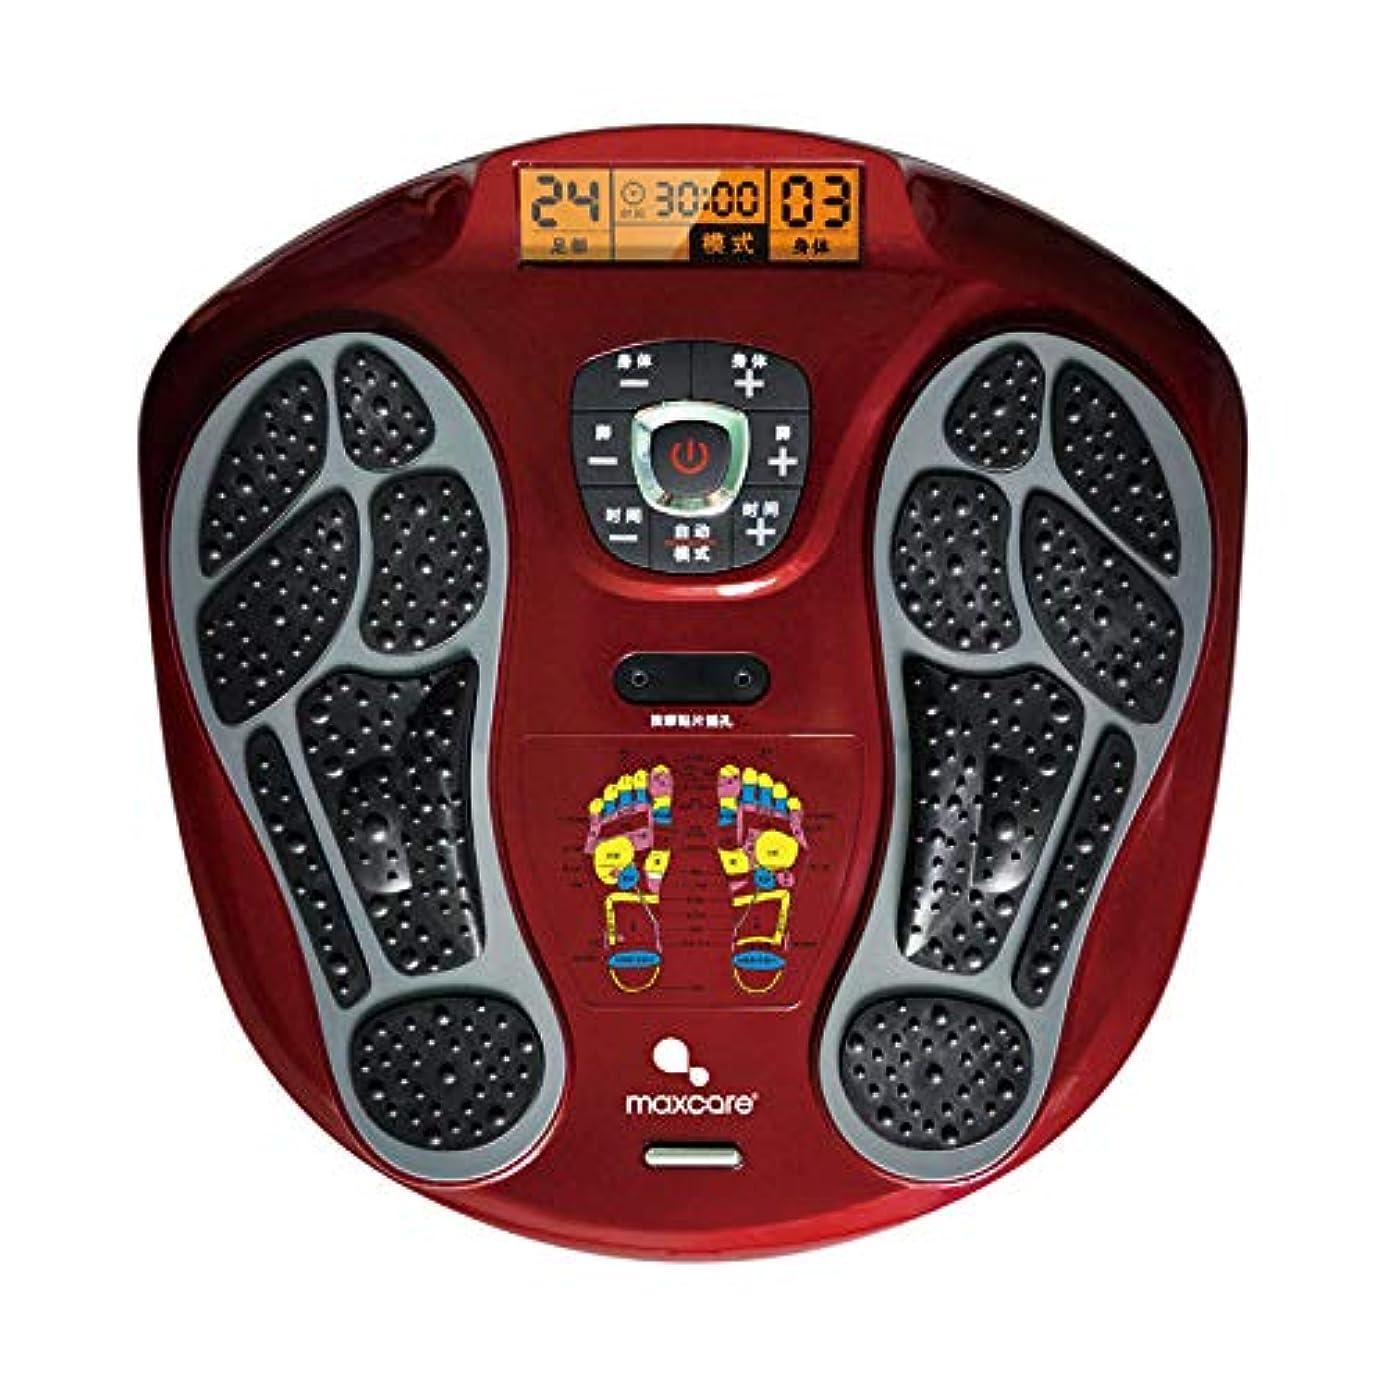 不承認性交単に電気の フルフットマッサージ体験のための、熱付きフットマッサージャー、LEDディスプレイスクリーンリラックス疲れて痛む足 人間工学的デザイン